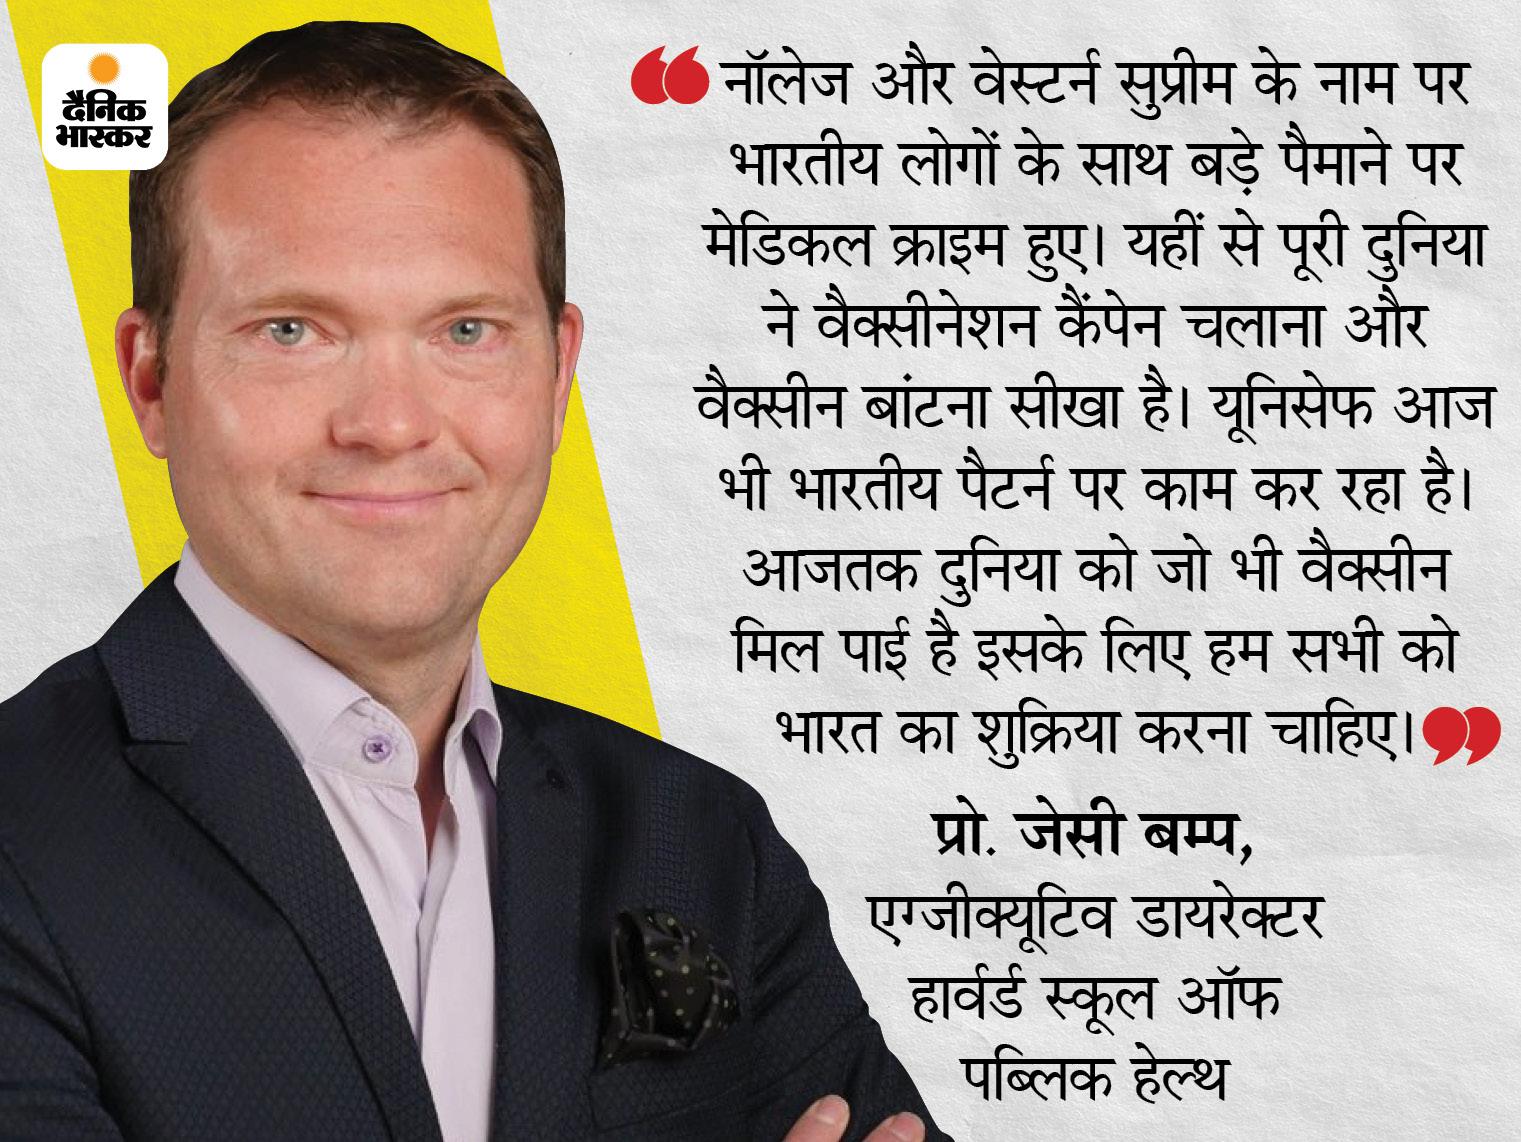 अमेरिकन प्रोफेसर बोले- दुनिया को आज तक जितनी वैक्सीन मिली, वो भारत के कारण; यहां के लोगों ने तमाम अत्याचारों के बावजूद पूरी दुनिया की मदद की देश,National - Dainik Bhaskar